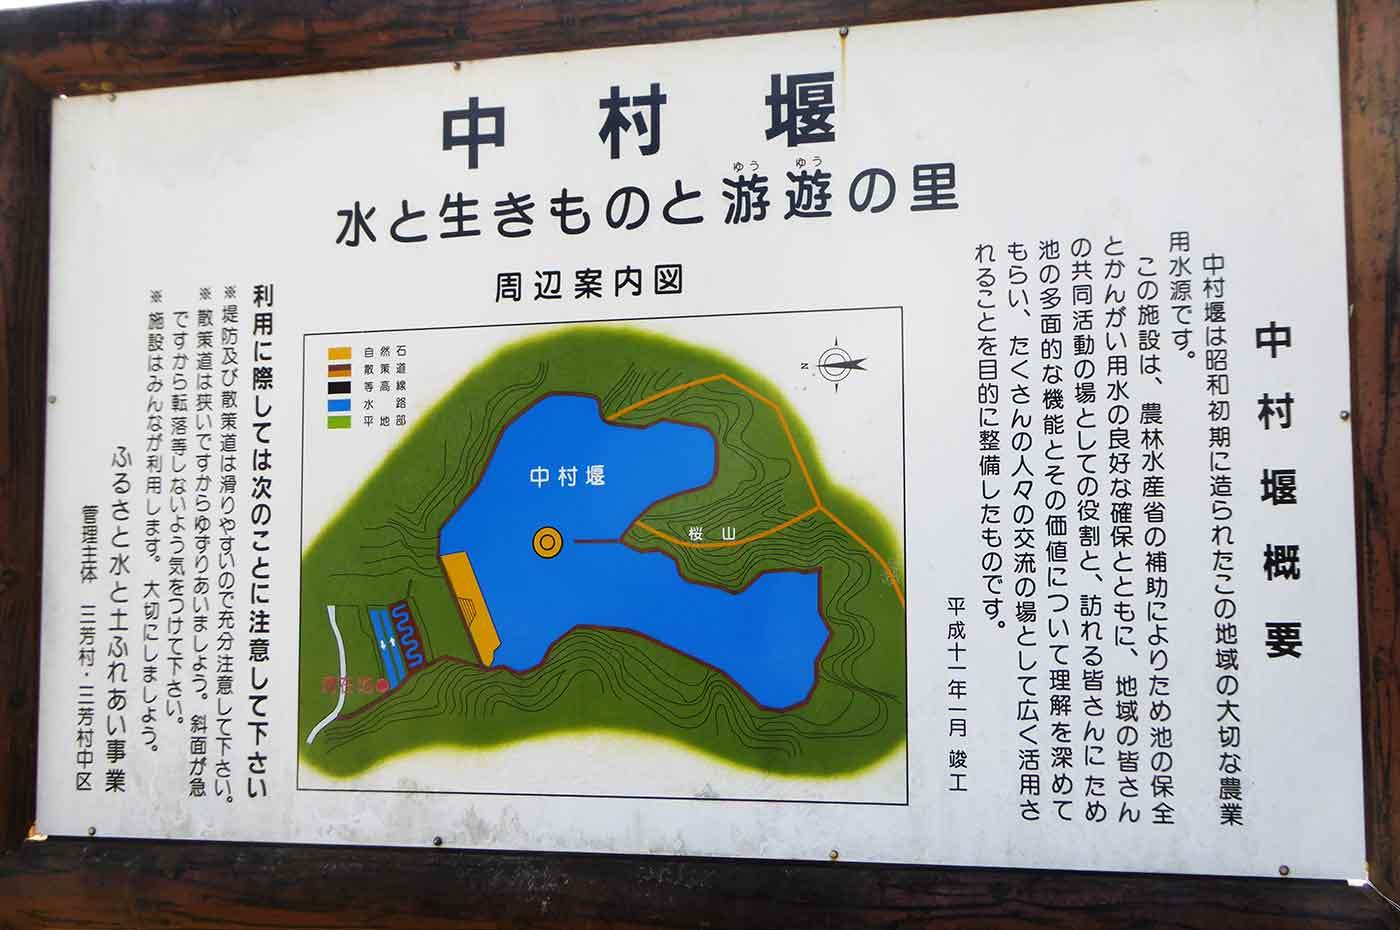 中堰親水公園の|案内板